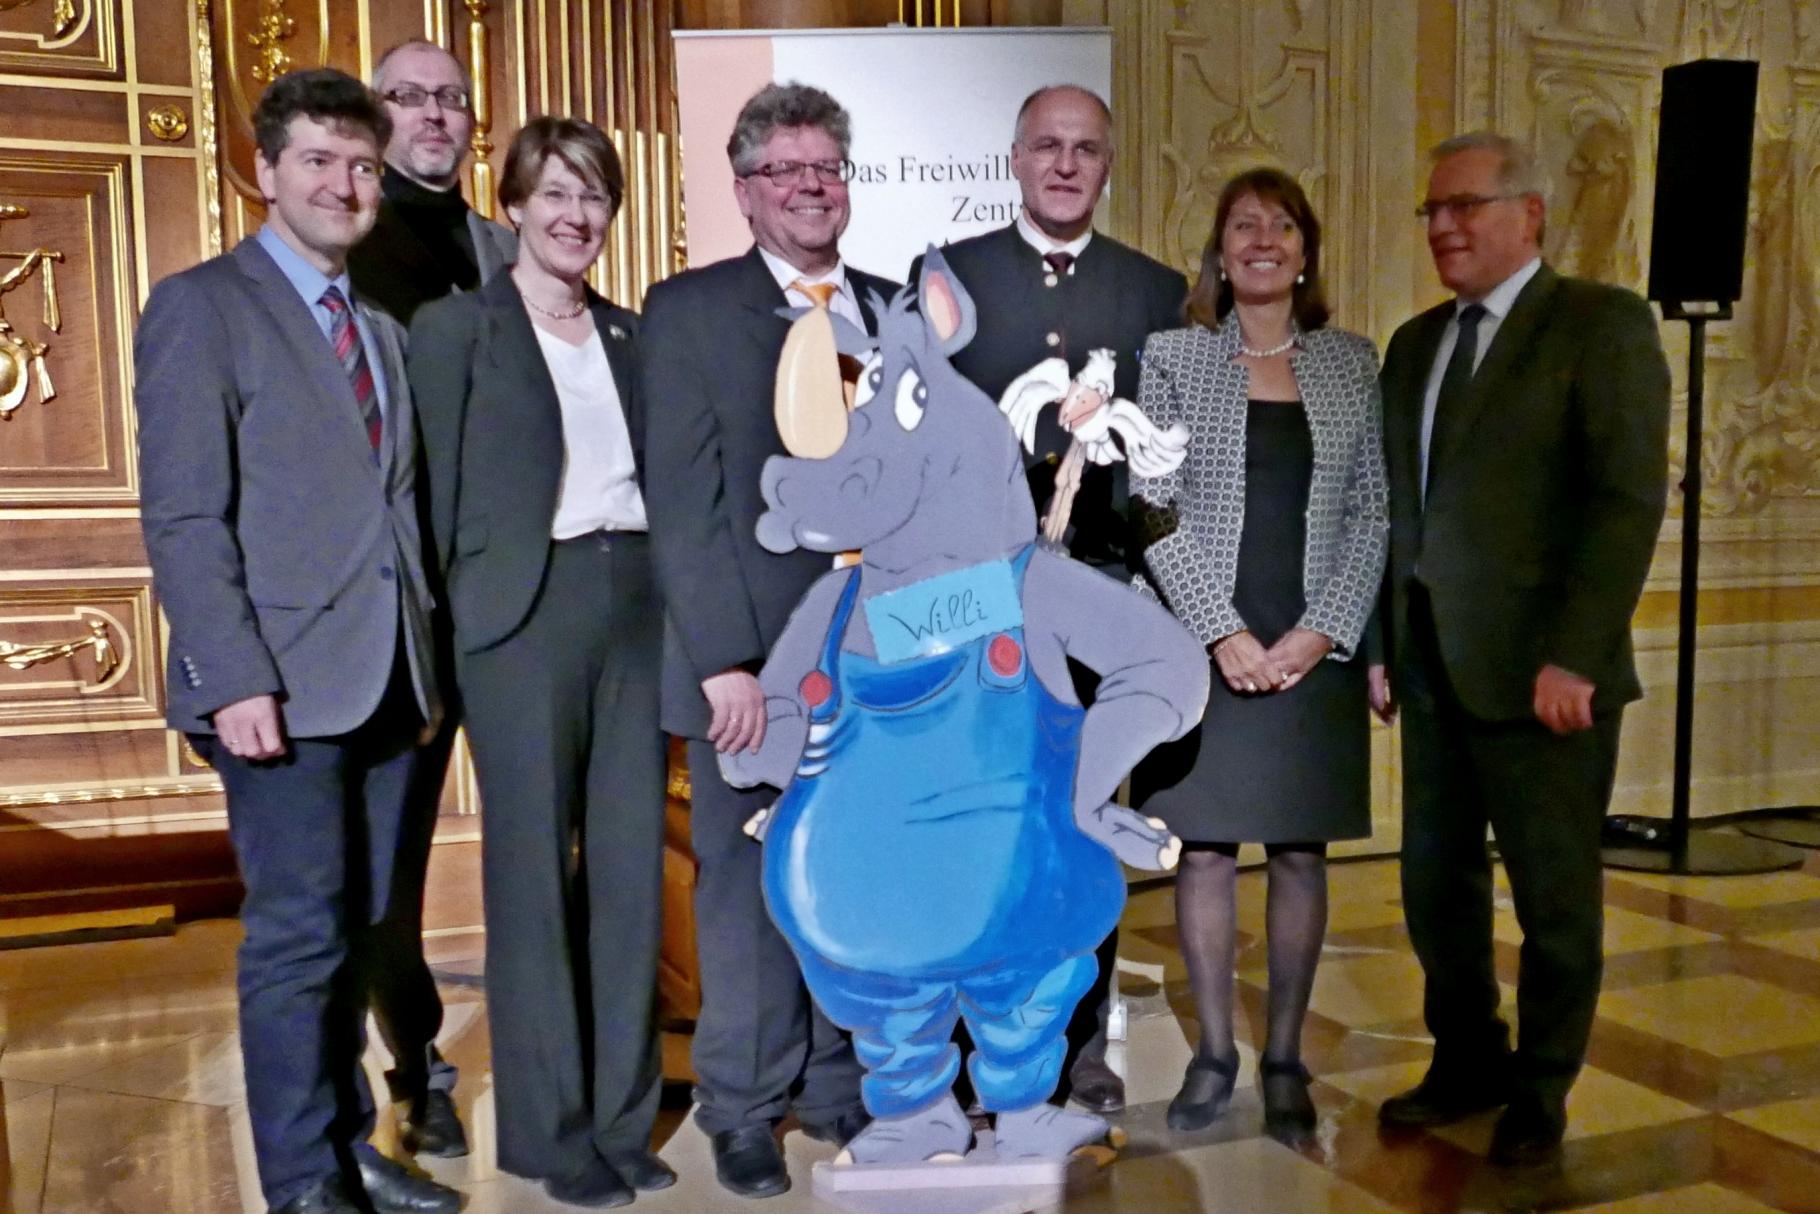 Festakt 20 Jahre Freiwilligen-Zentrum Augsburg - 24.03.2017 im Goldenen Saal Rathaus Augsburg - Foto: Christoph Urban